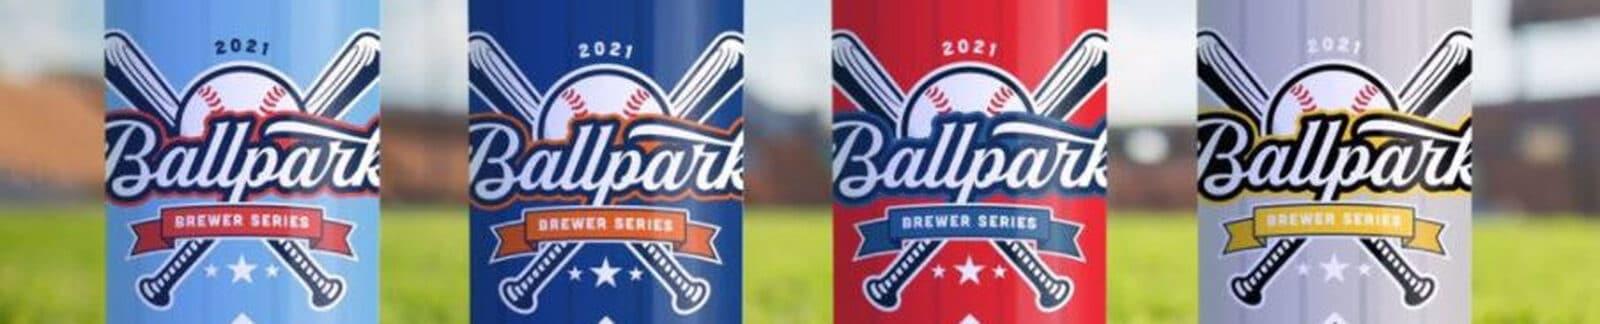 2021 Ballpark Brewer Series Baseball Beers header